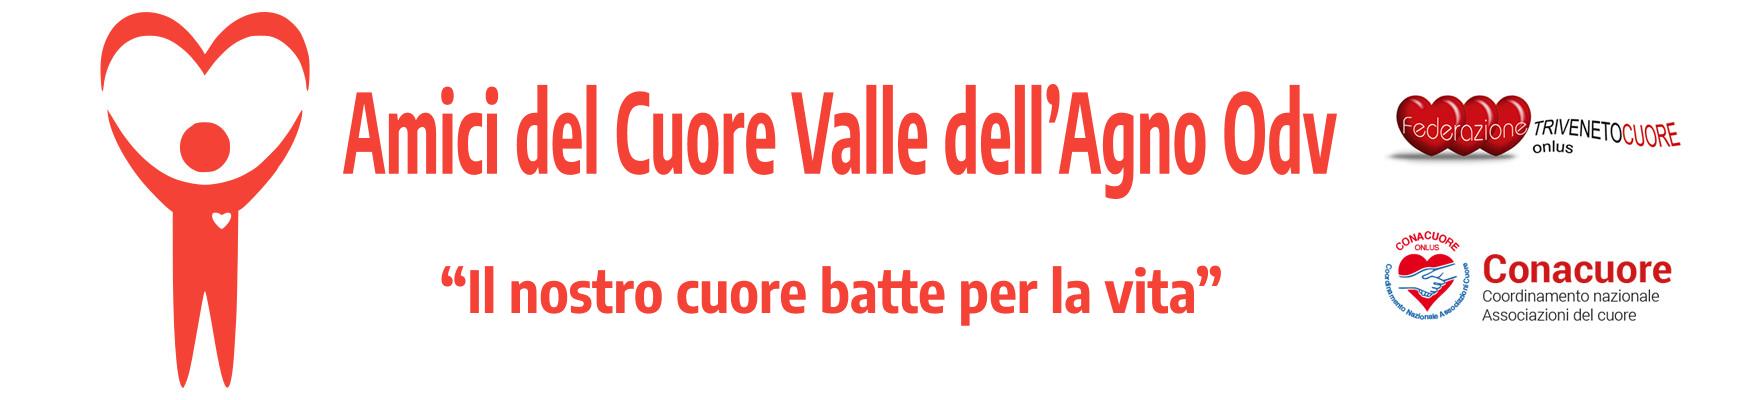 Associazione Amici del Cuore Valle dell'Agno (Valdagno) Odv